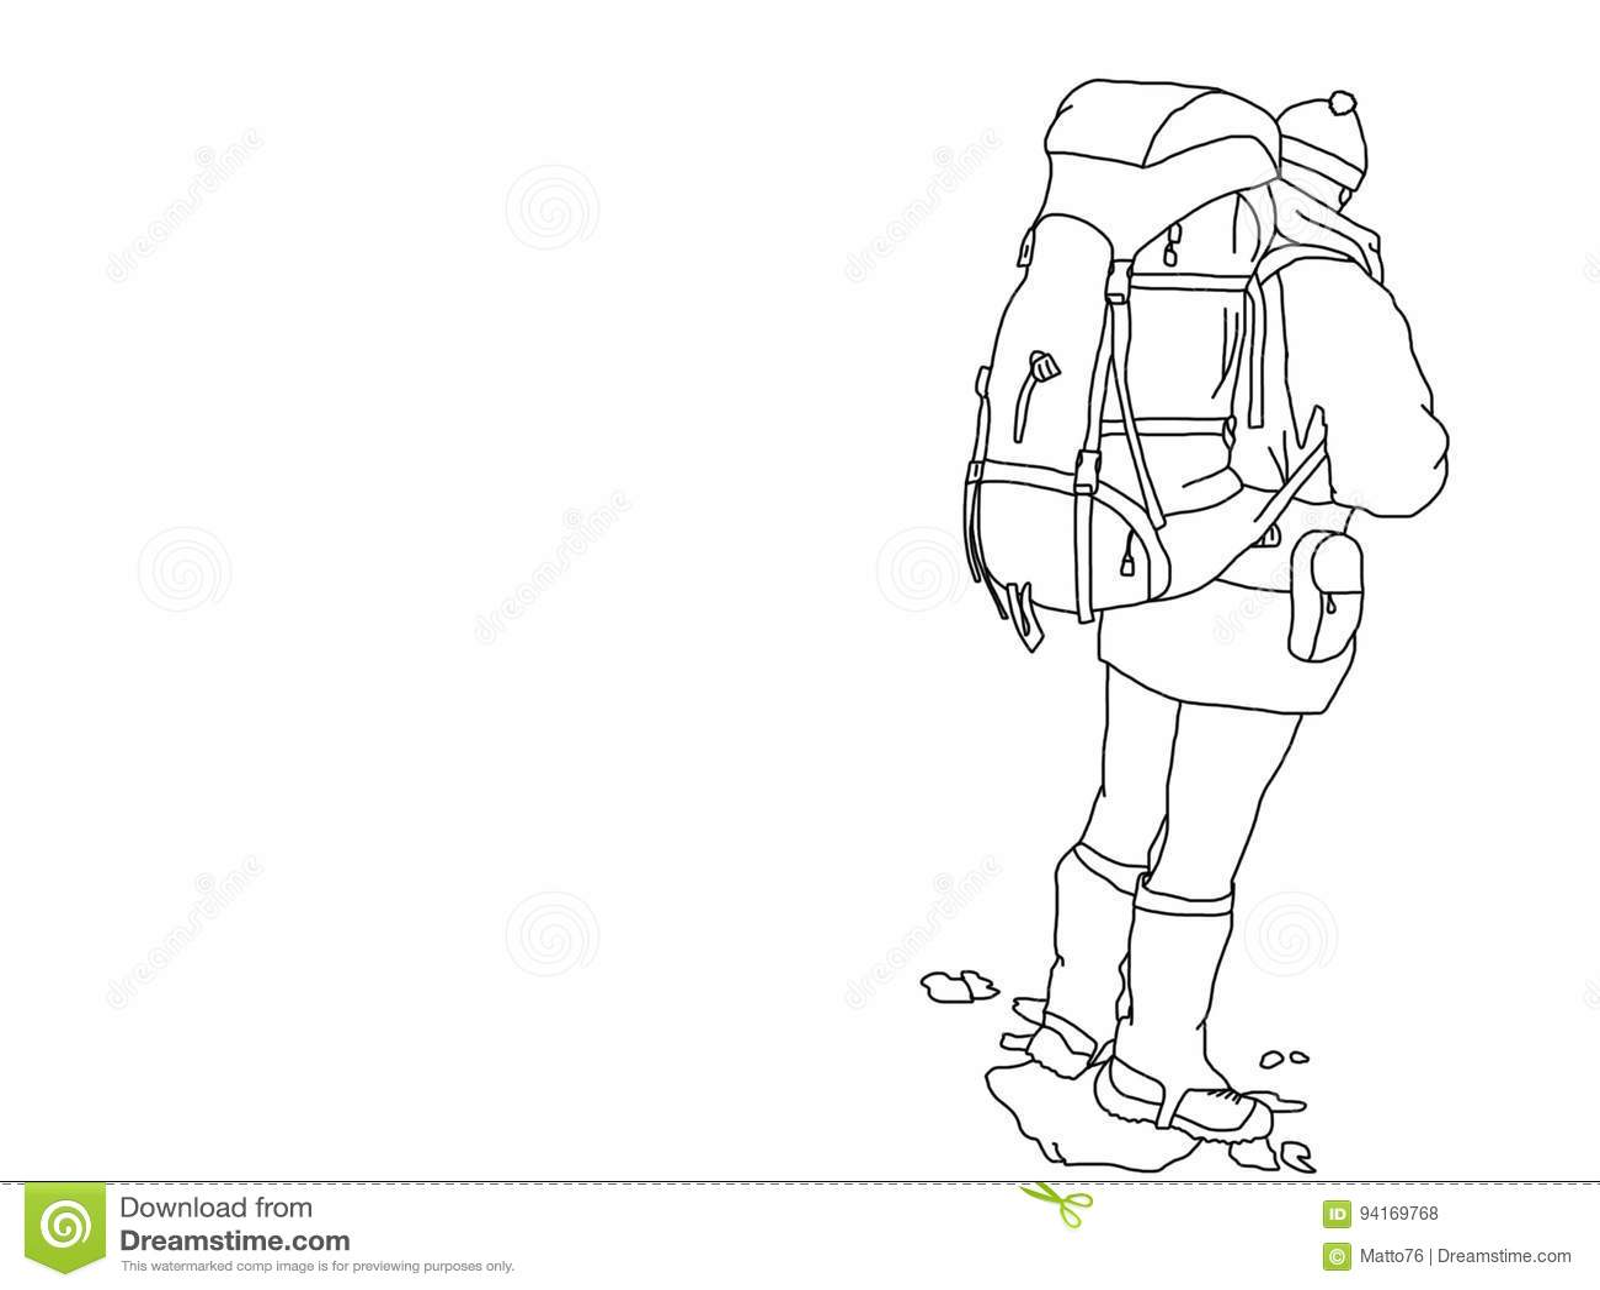 Line Art No Background : Hill walker illustration no background stock